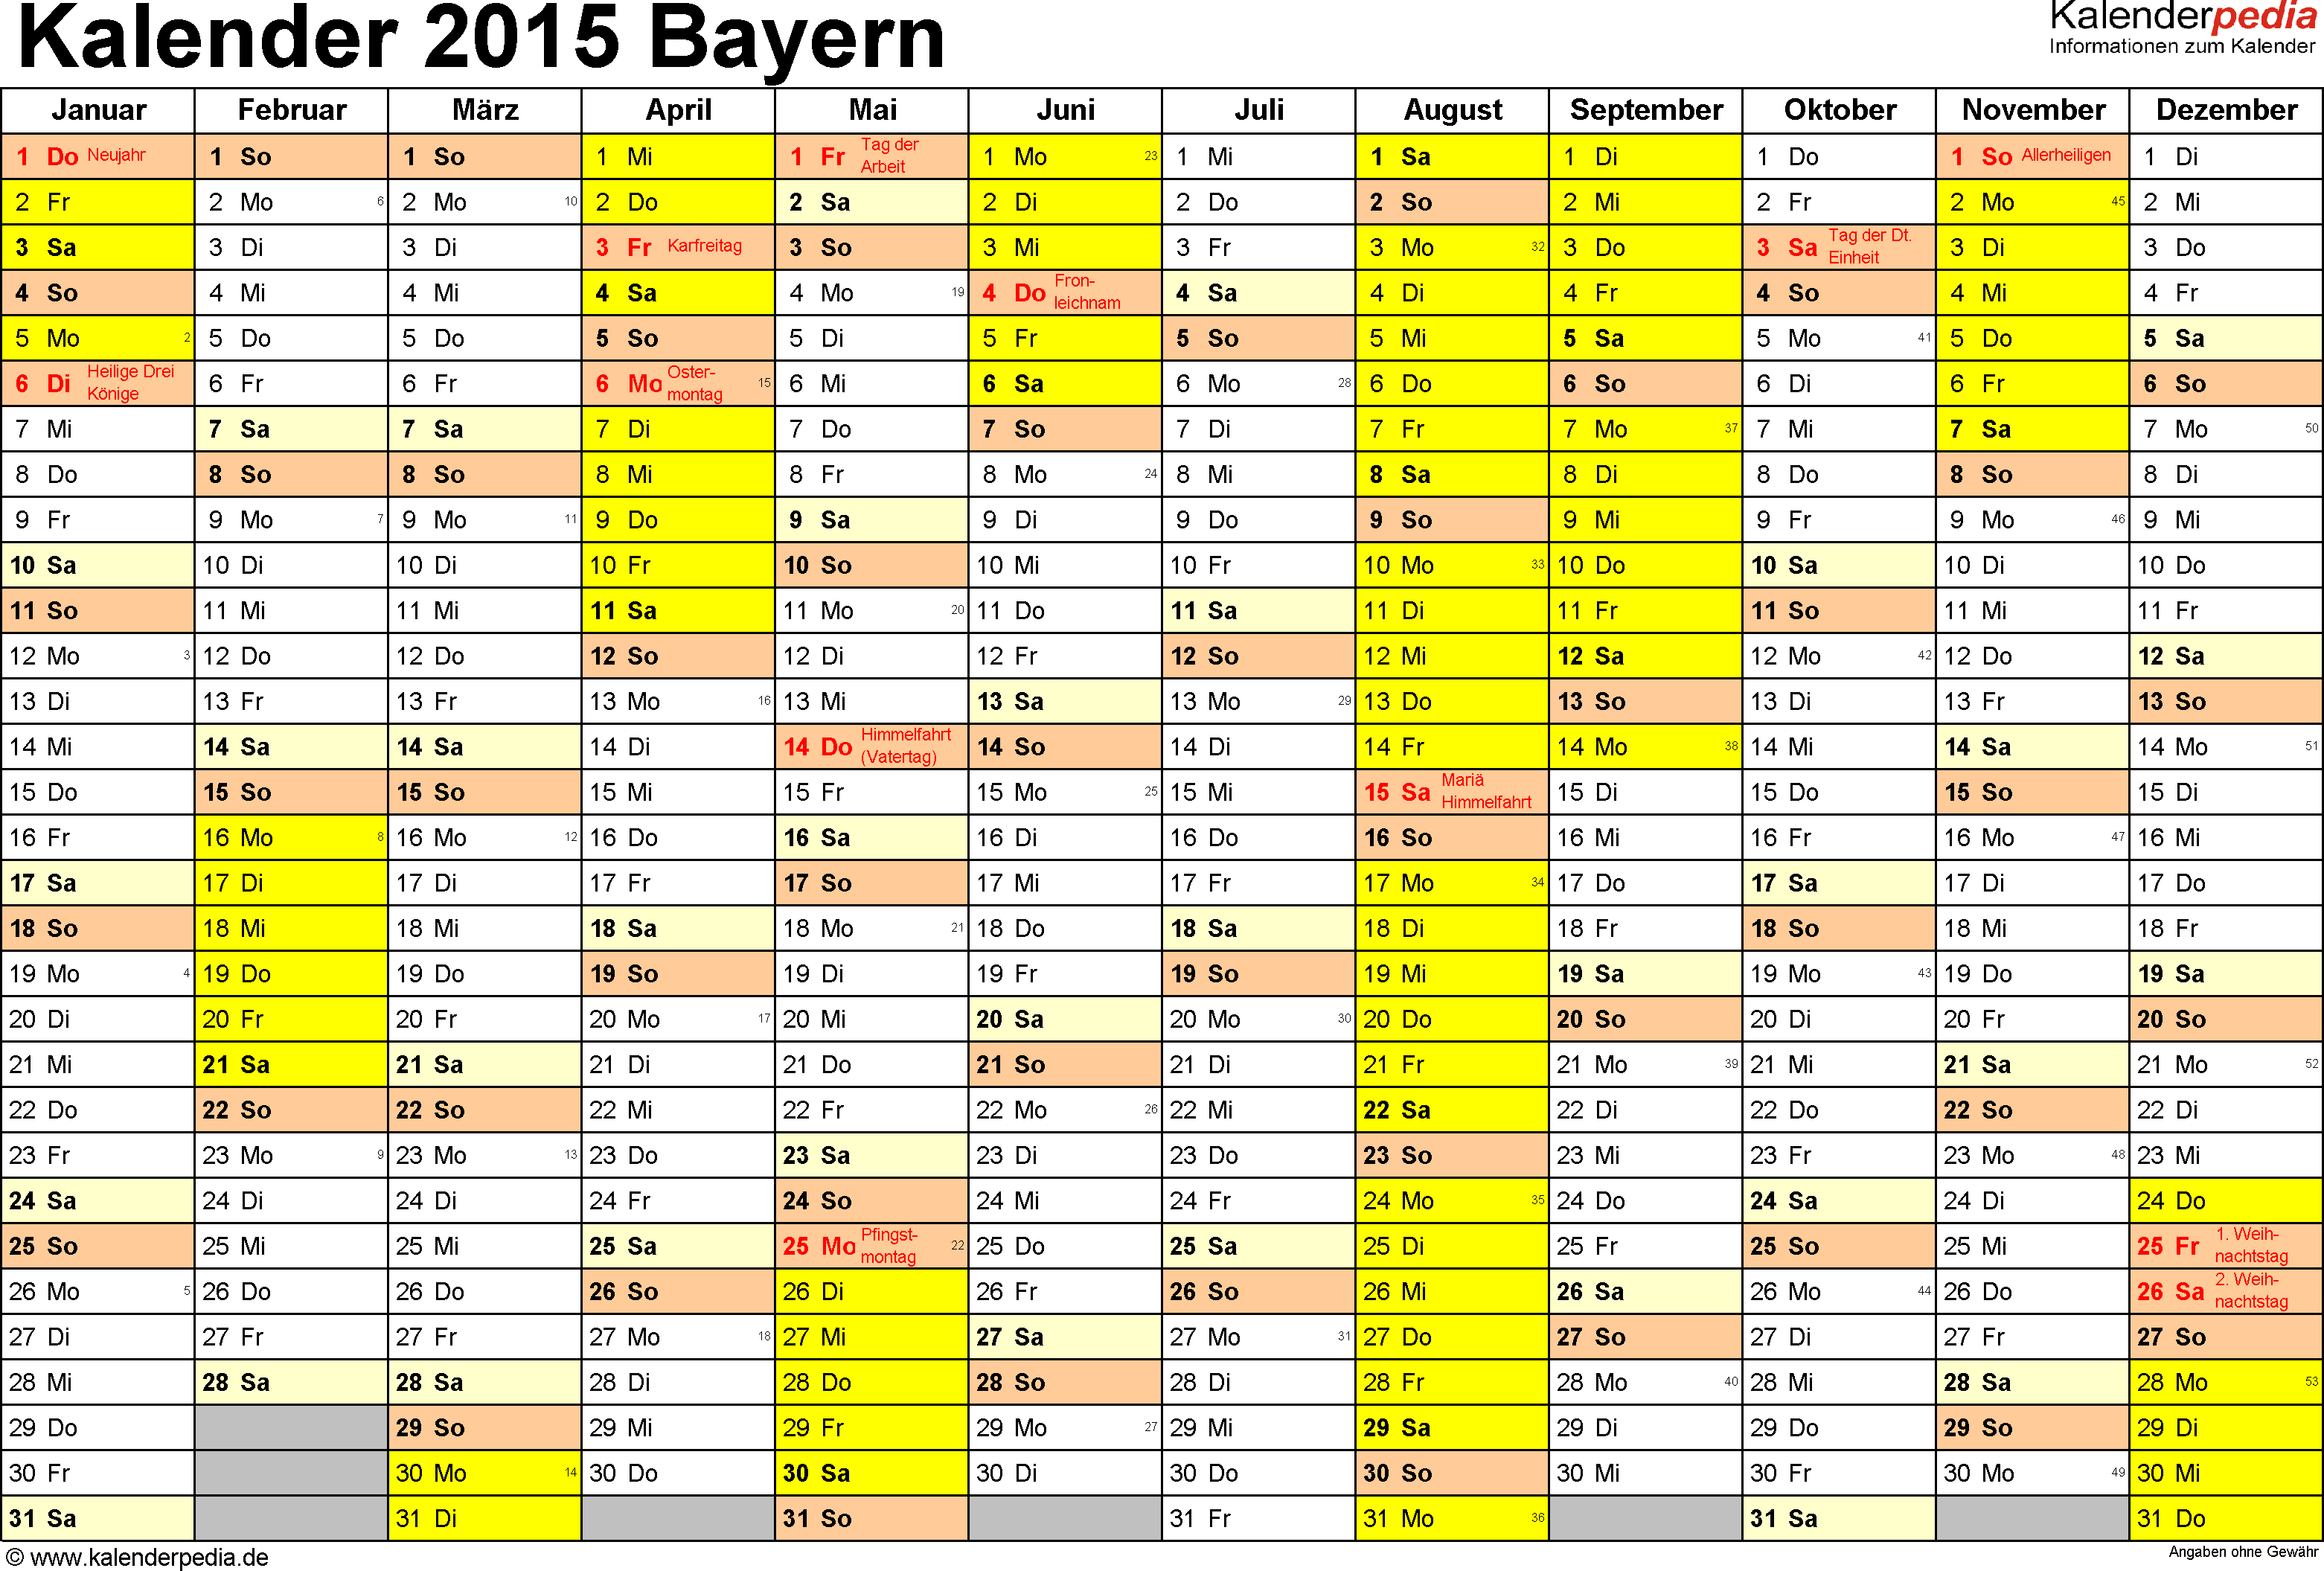 Vorlage 1: Kalender 2015 für Bayern als Excel-Vorlagen (Querformat, 1 Seite)